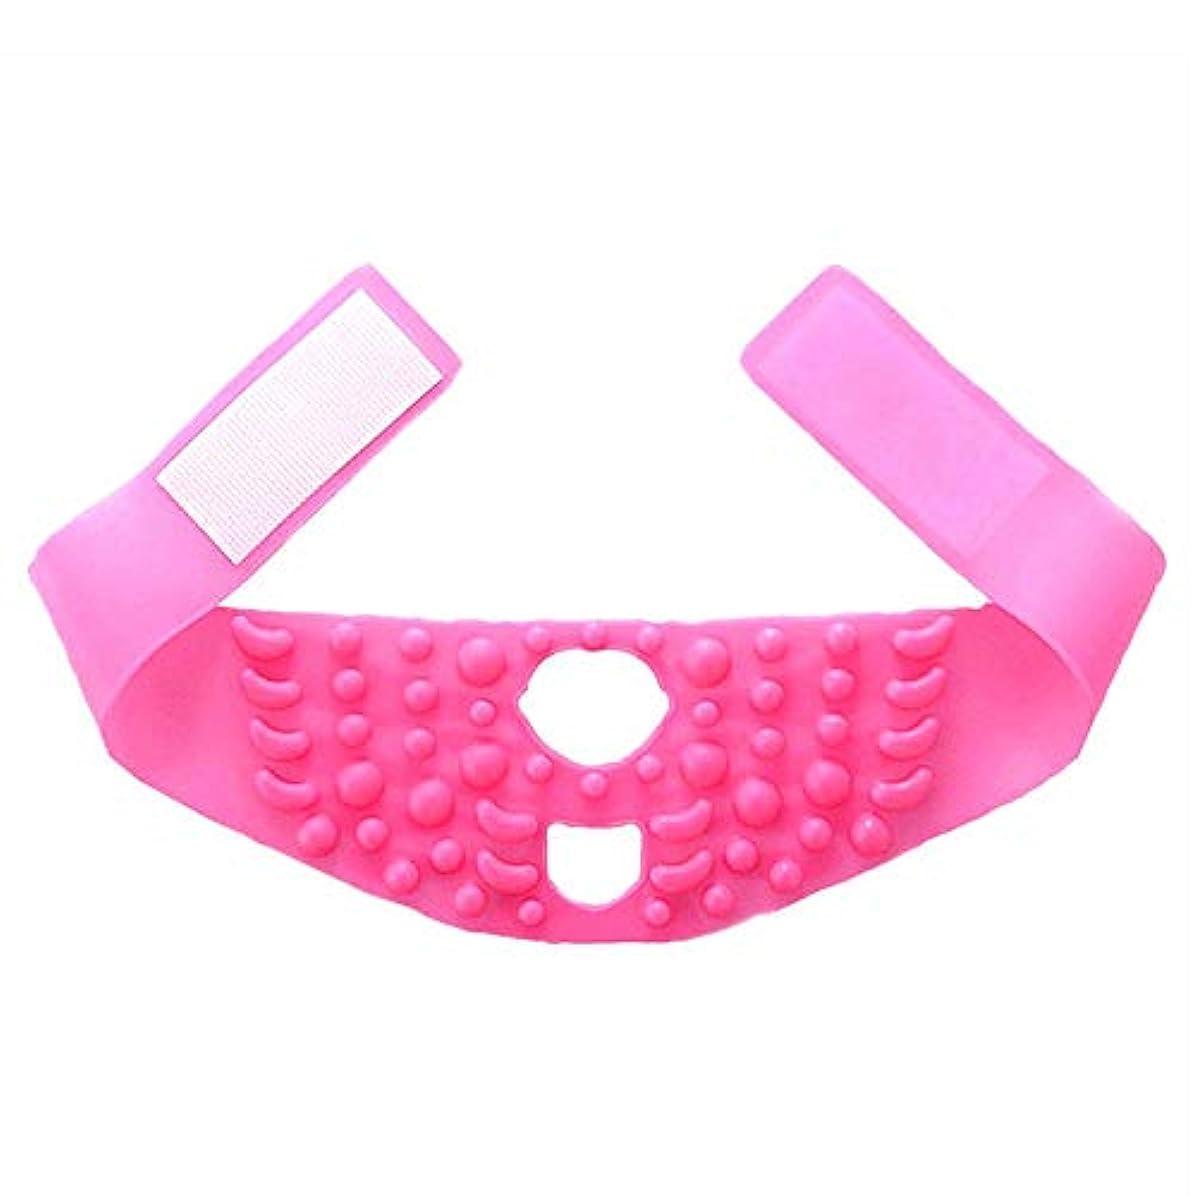 カプラー以下クランプシンフェイスマスクシリコーンマッサージ引き締まった形の小さなVフェイスリフティングに薄いフェイスアーティファクト包帯を飾る - ピンク